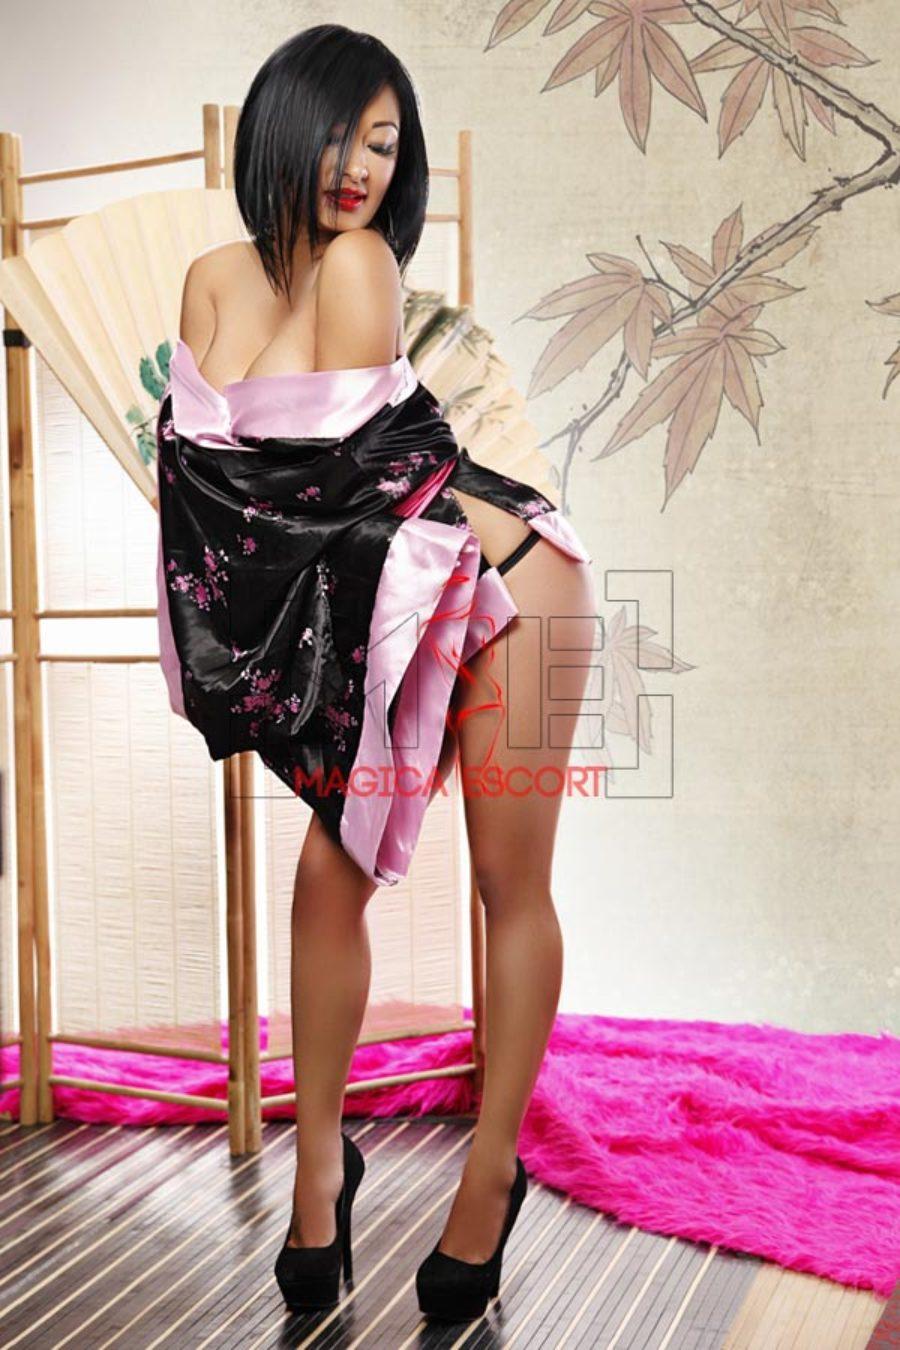 Kaori escort nippo ispanica con un vestitino sexy giapponese.